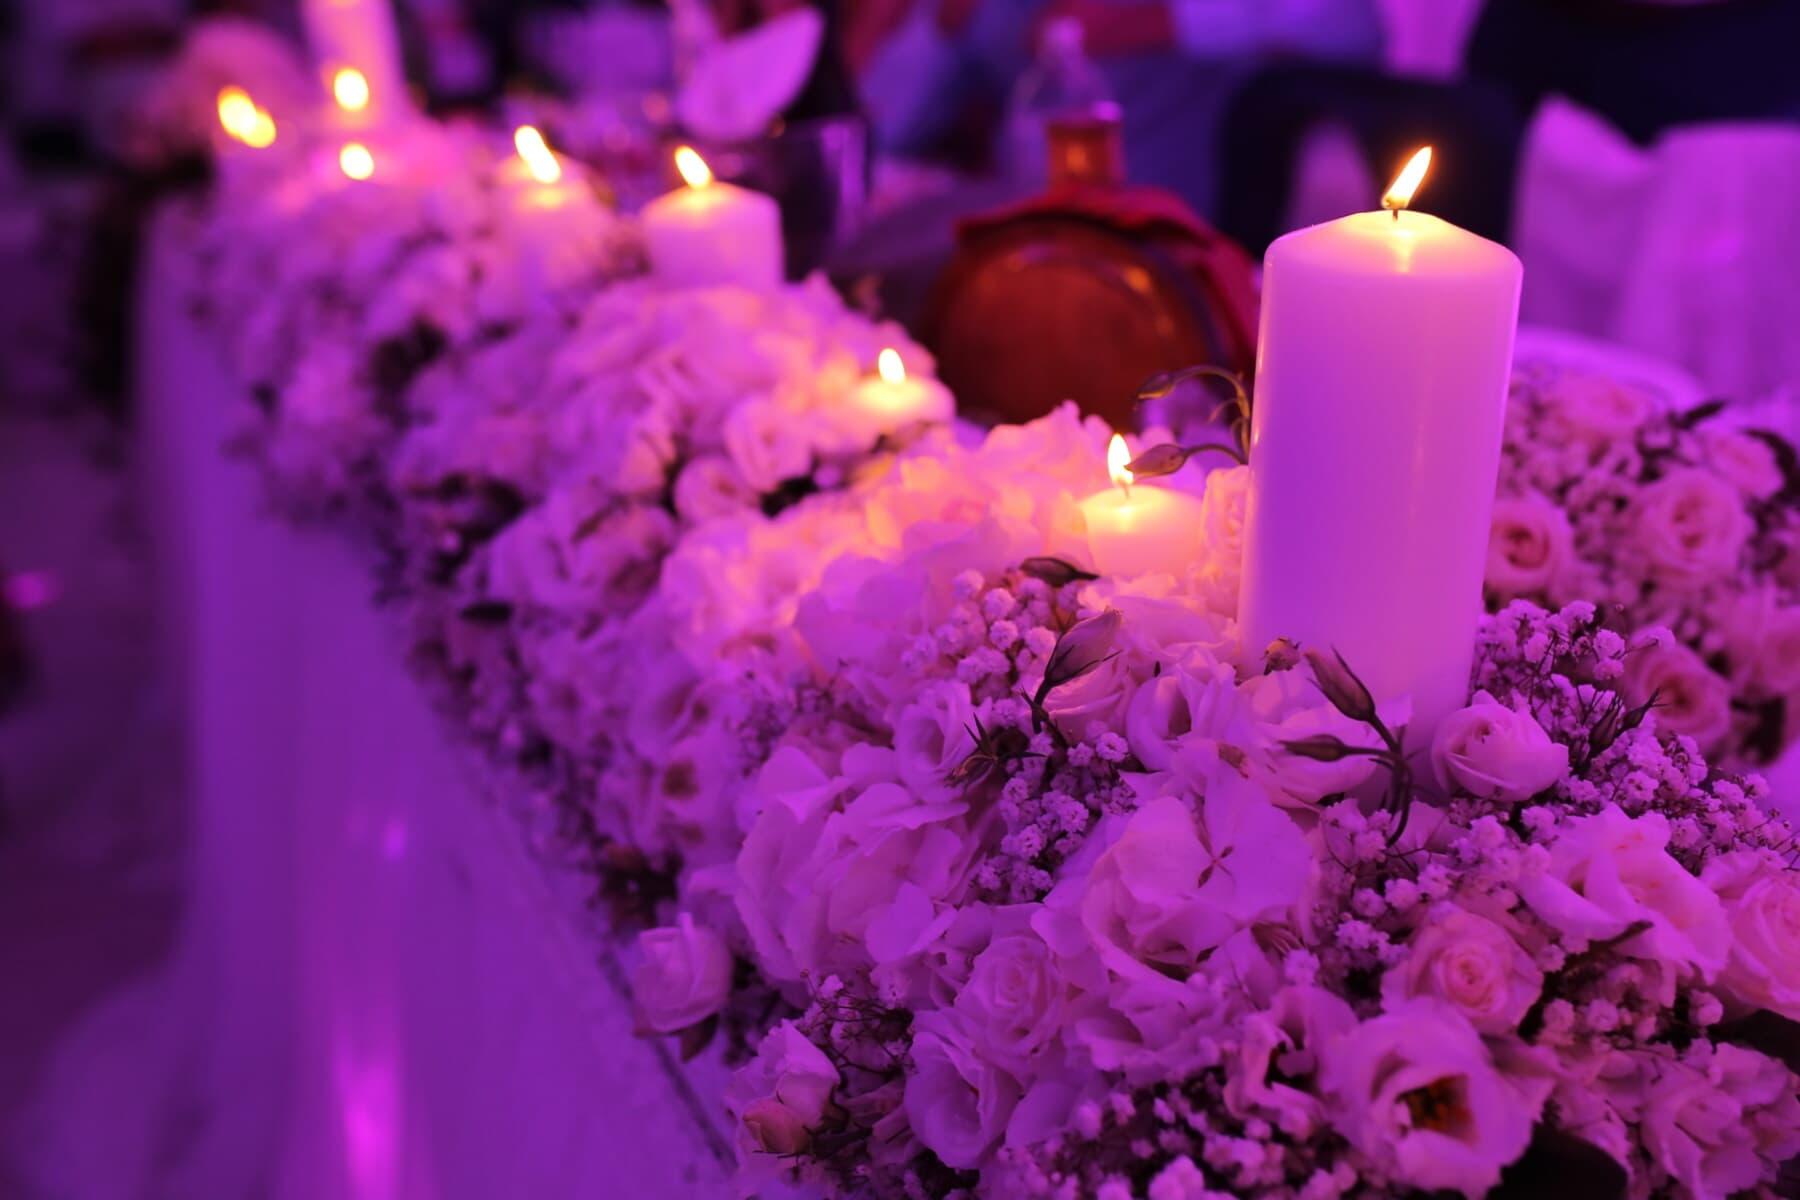 Kerzen, aromatische, Dekoration, Blume, Kerze, Rosa, Flamme, Candle-Light, Feier, Licht